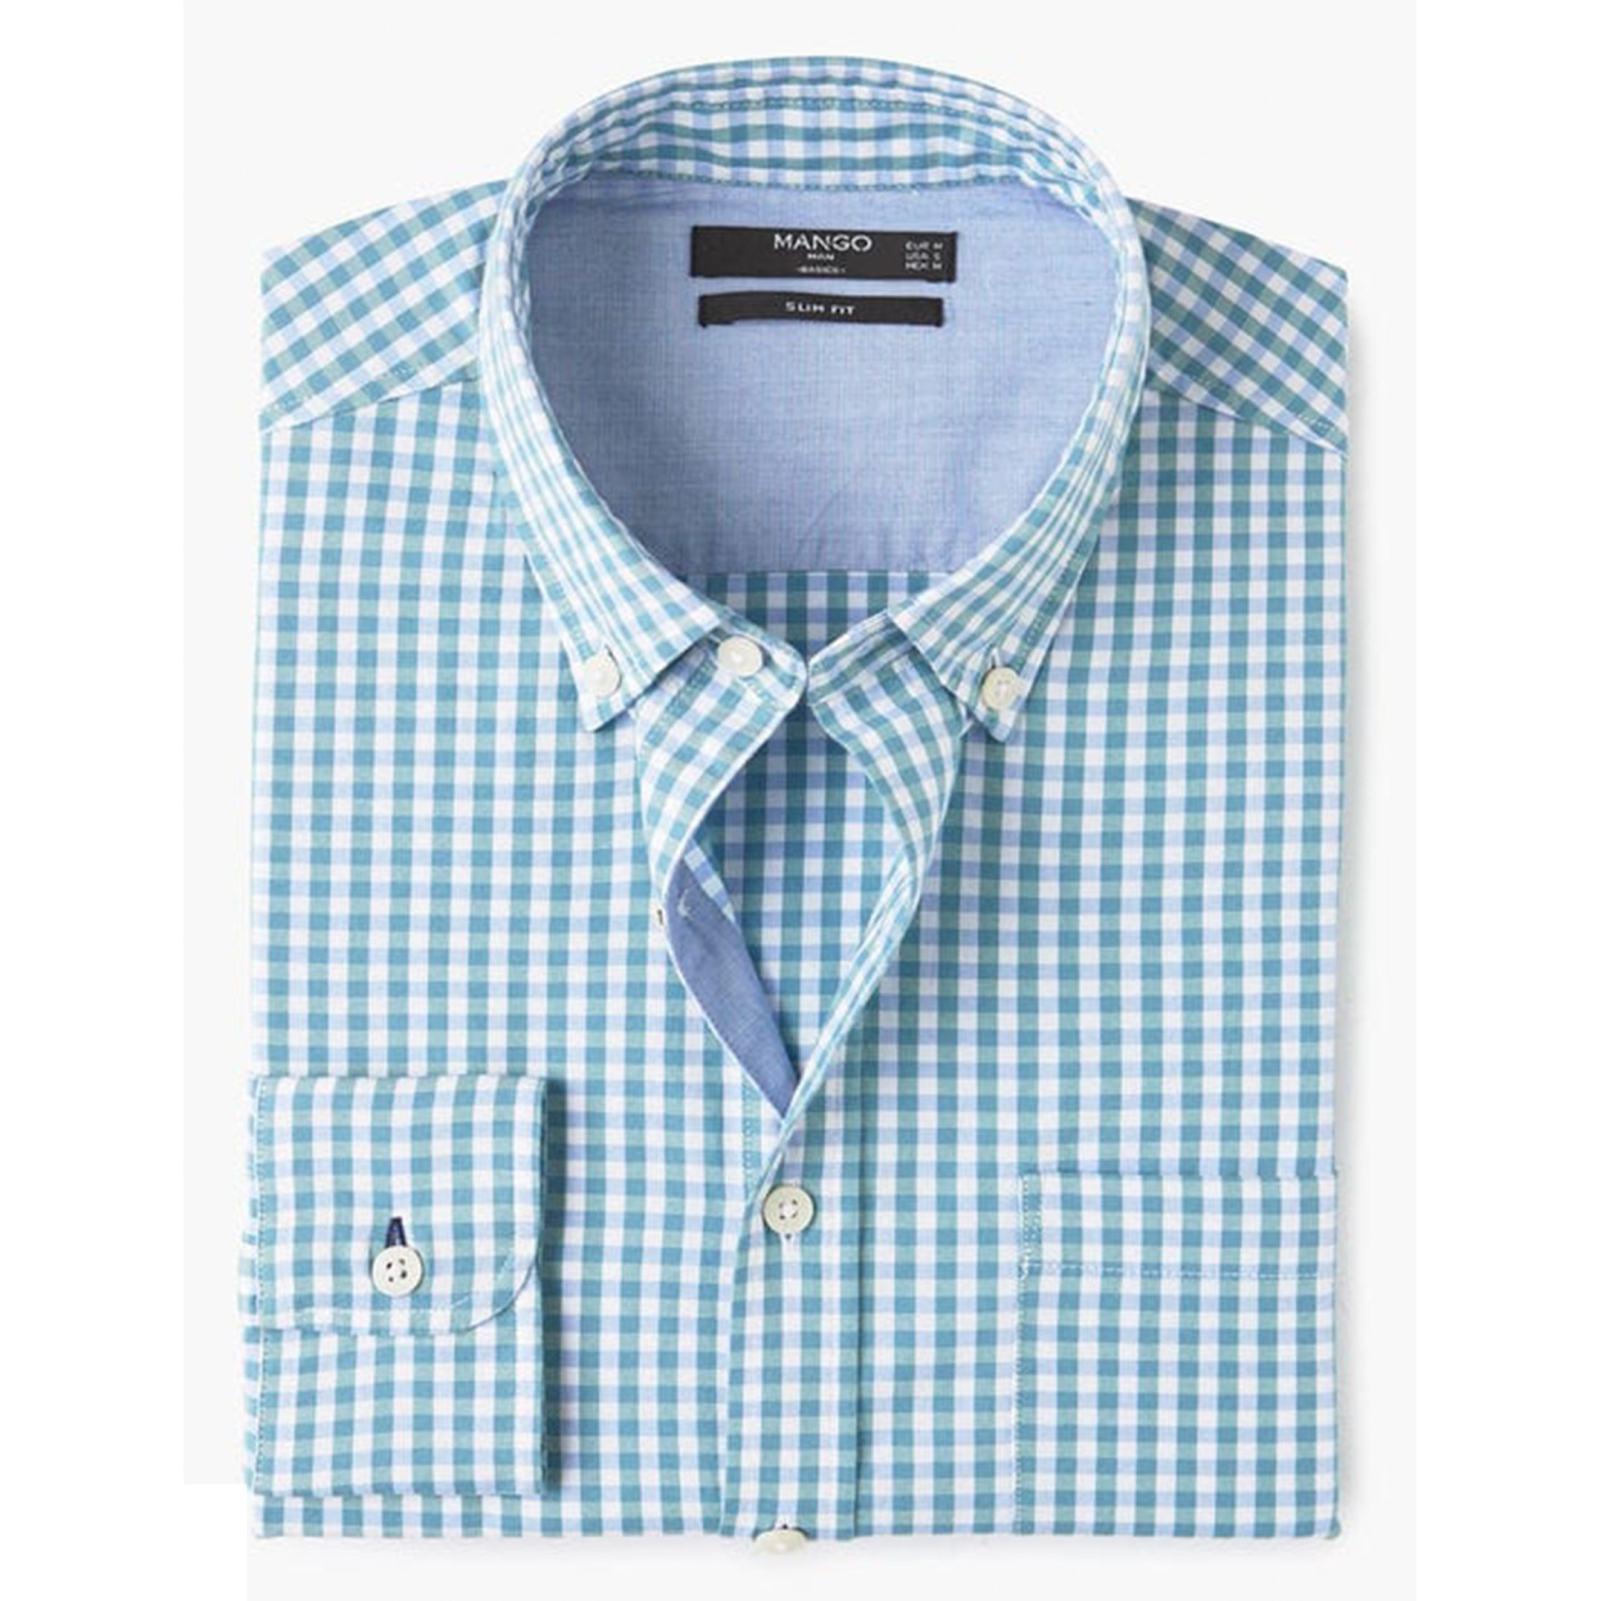 پیراهن نخی آستین بلند مردانه - مانگو - فيروزه اي  - 1